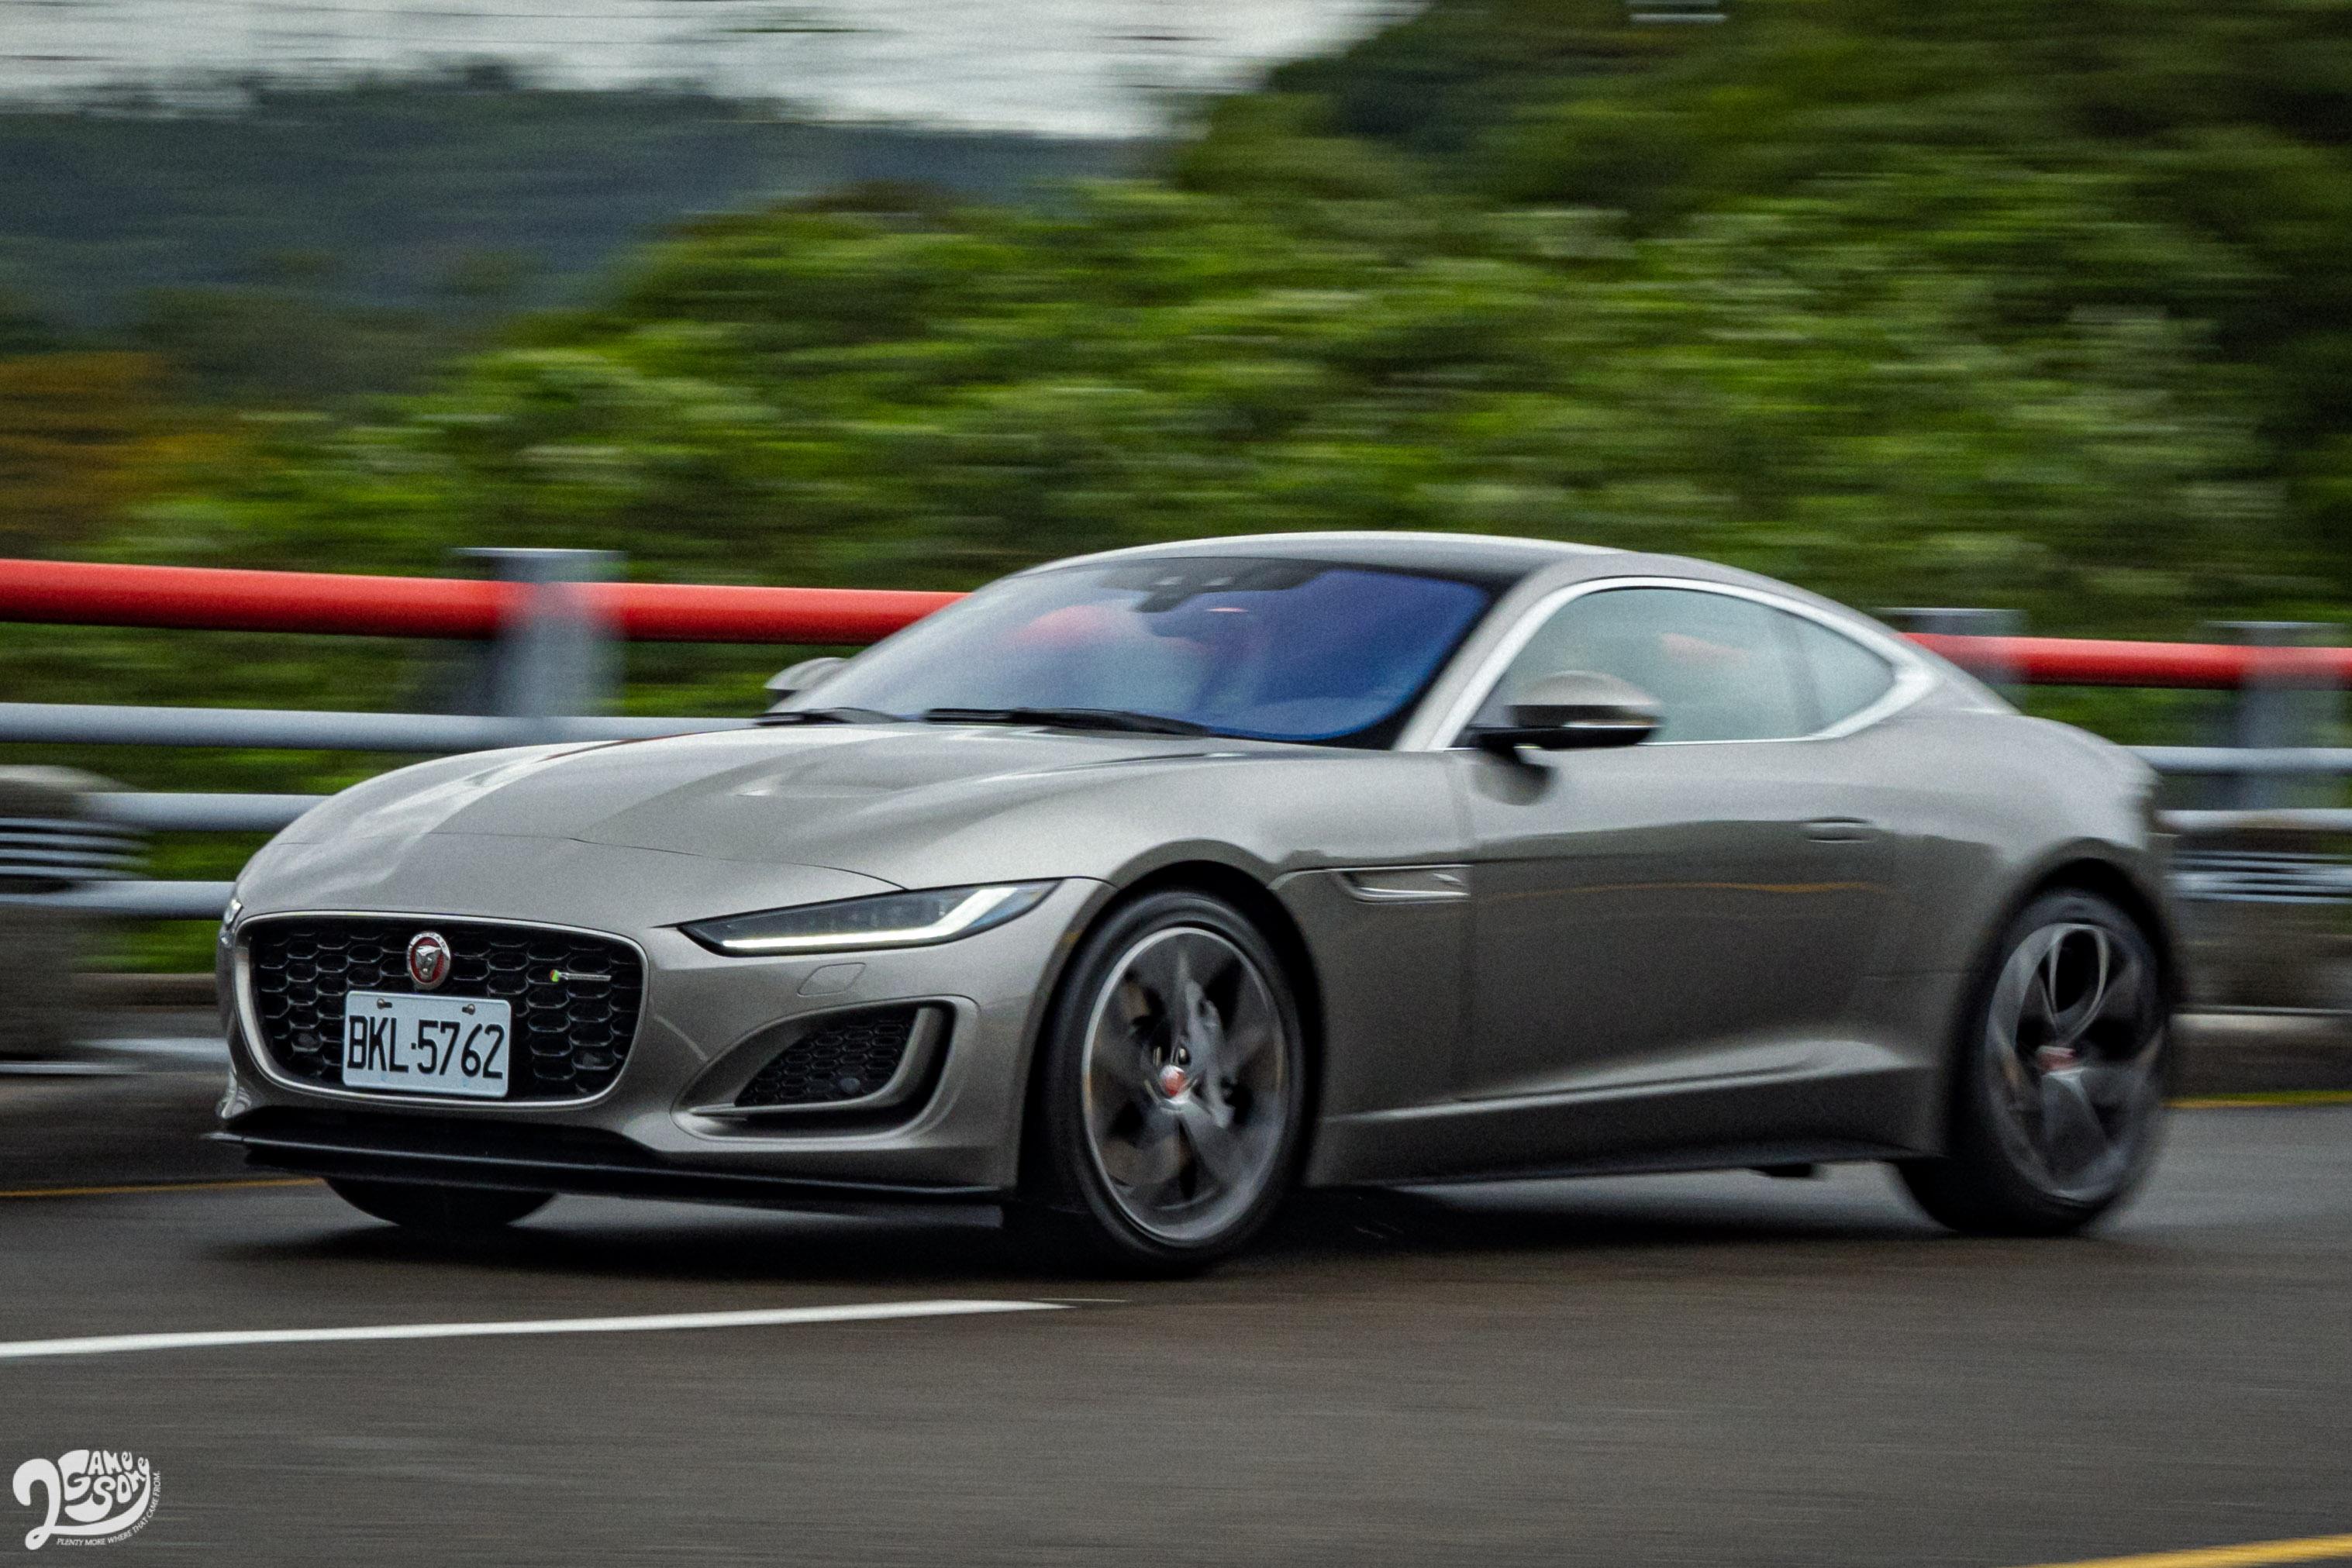 極快的轉向反應與車身動態,反映出下盤結構的特色;優異的懸吊調校,則稱職的演繹 GT 跑車身份。